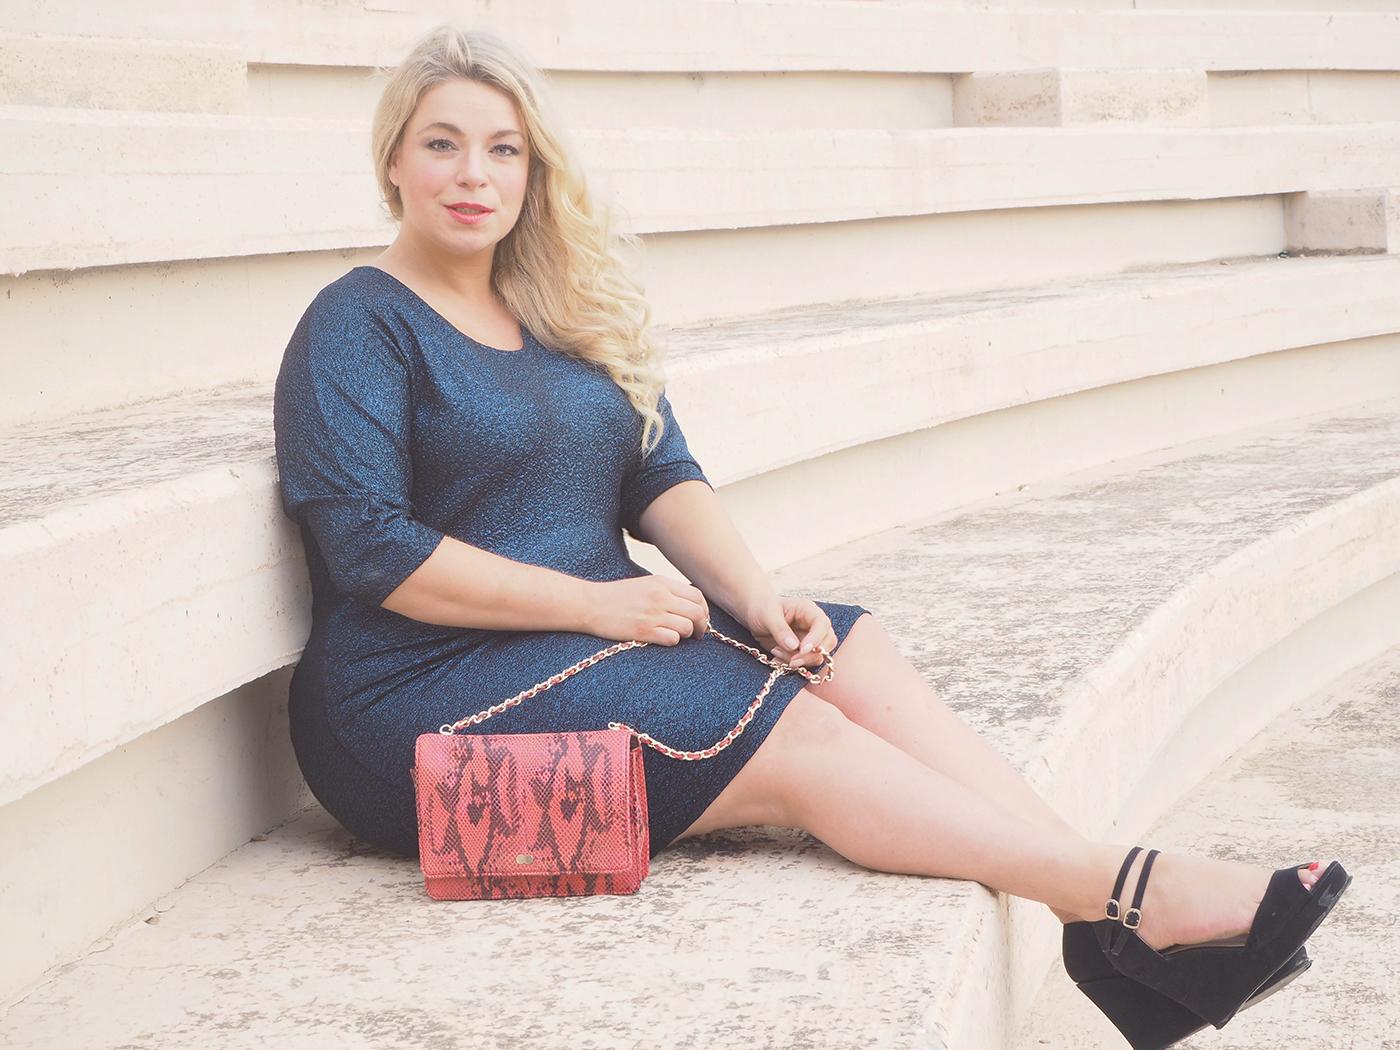 plussizeblogger-curvy-outfit-styling-megabambi-caterina-pogorzelski